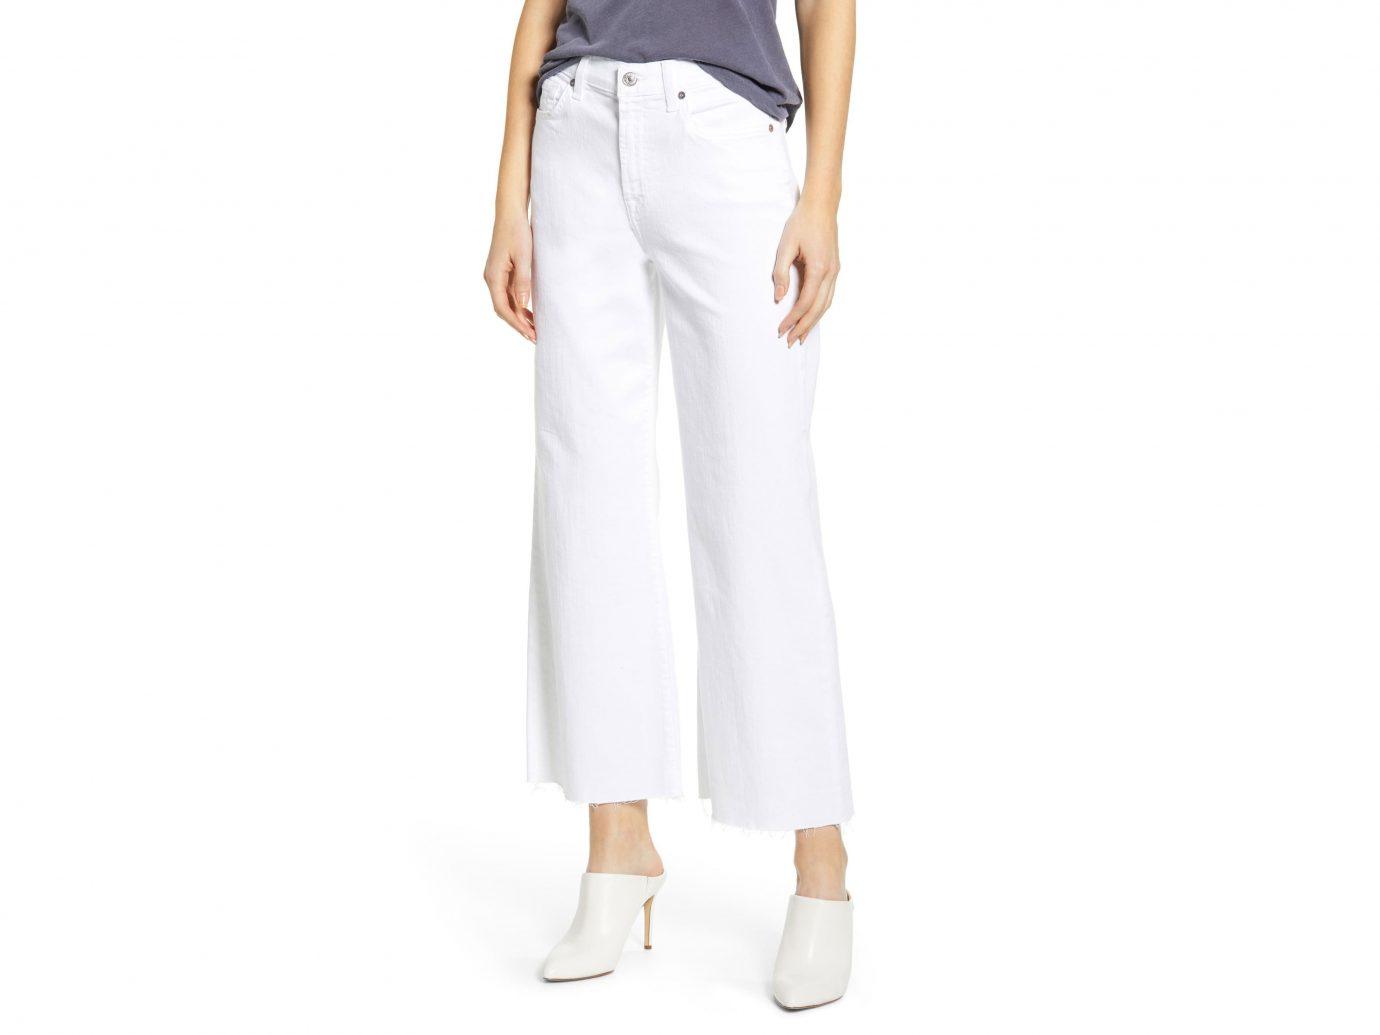 7 For All Mankind Alexa High Waist Crop Wide Leg Jeans